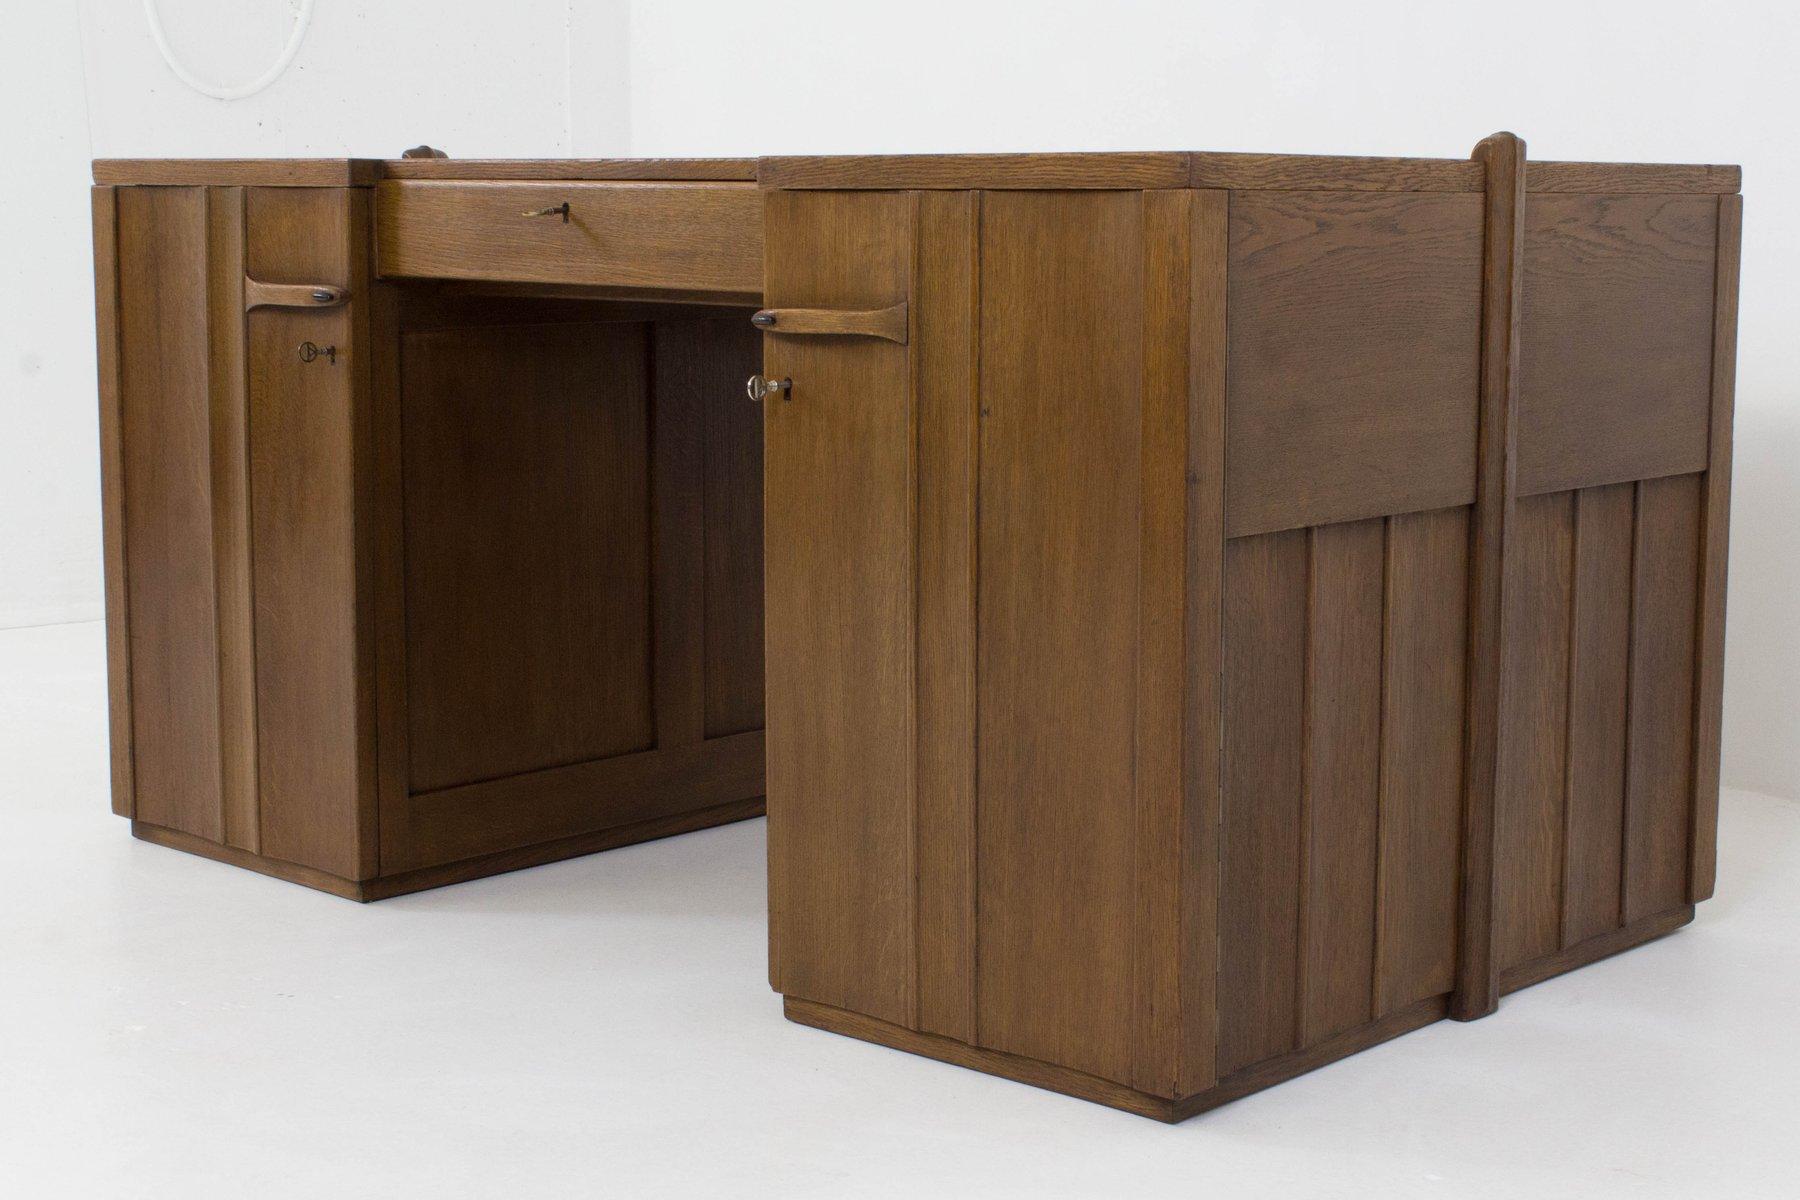 art deco amsterdamer schule schreibtisch von paul bromberg. Black Bedroom Furniture Sets. Home Design Ideas